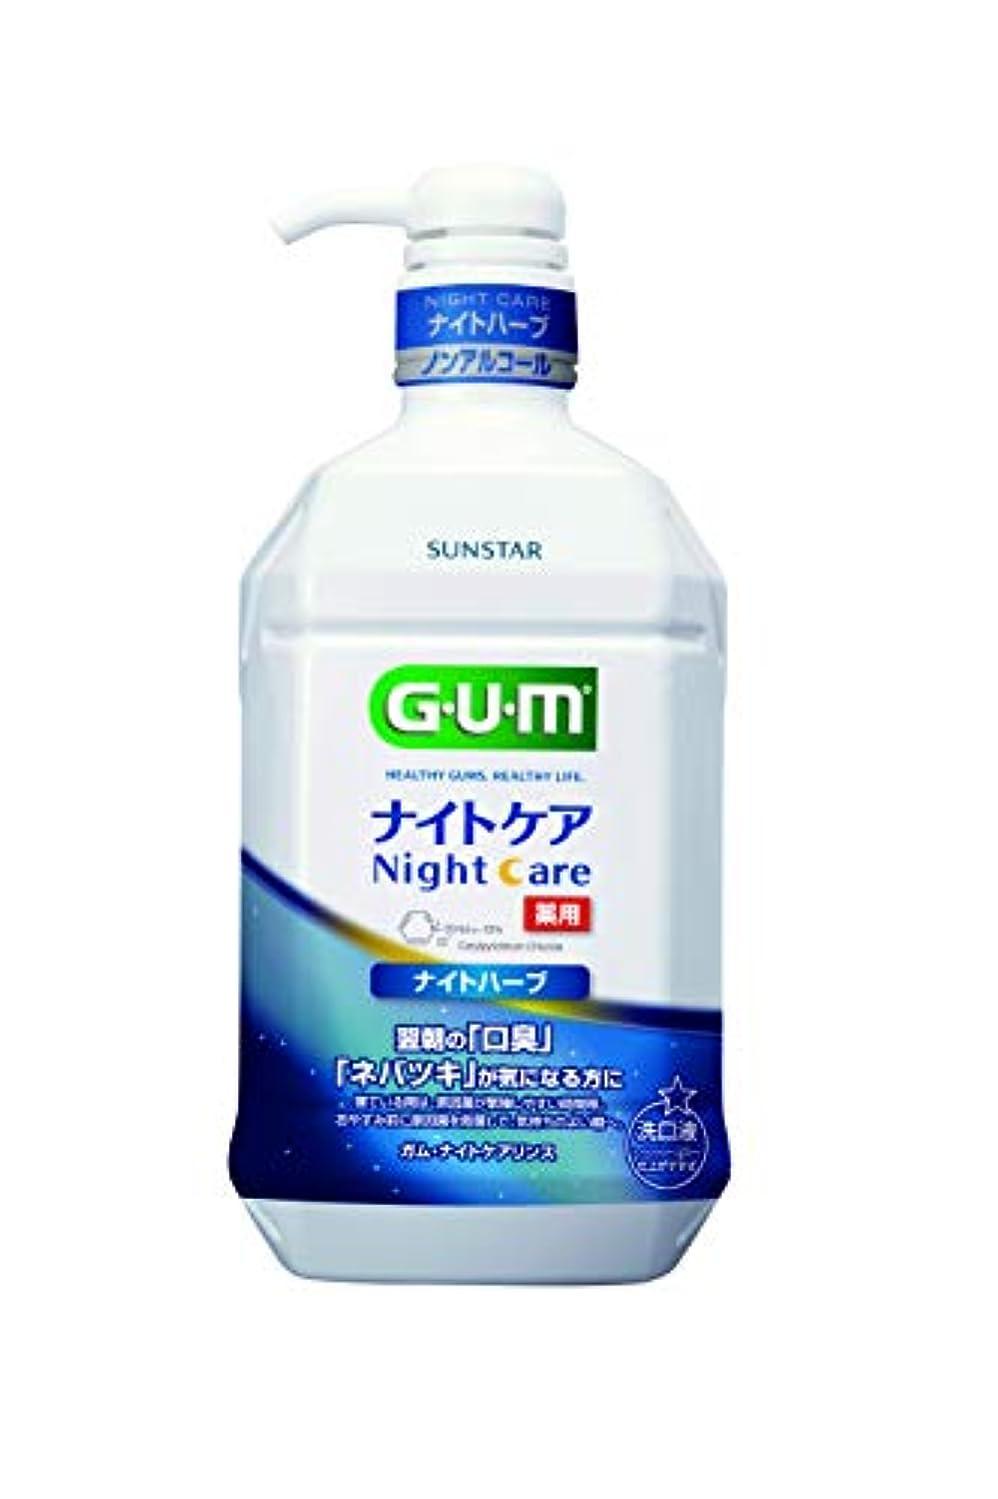 伝記風刺プレゼント(医薬部外品) GUM(ガム) マウスウォッシュ ナイトケア 薬用洗口液(ナイトハーブタイプ)900mL